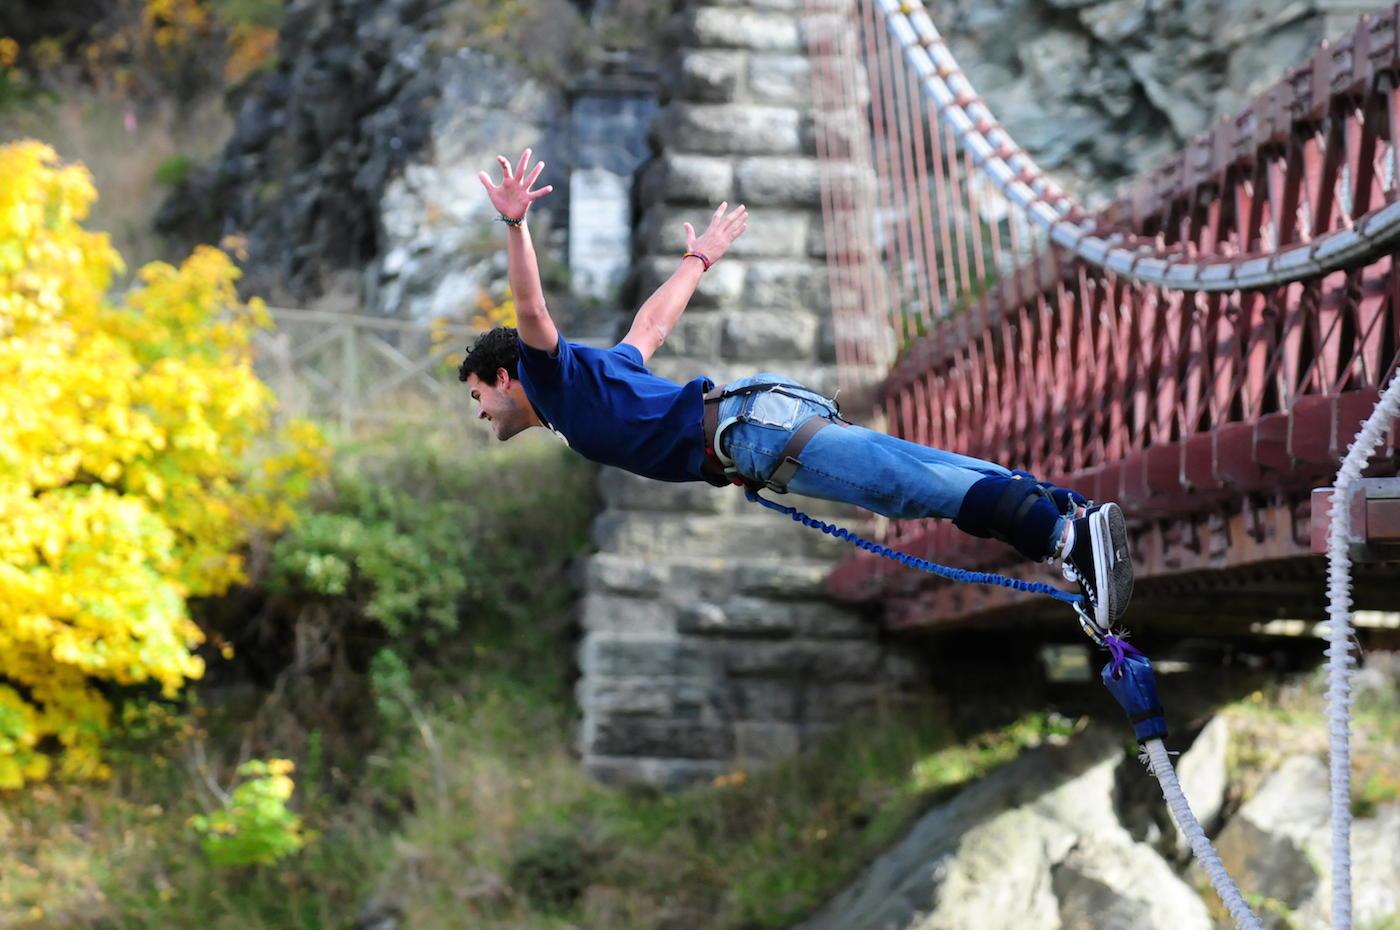 bungy-jumping-nueva-zelanda-comoserunkiwi